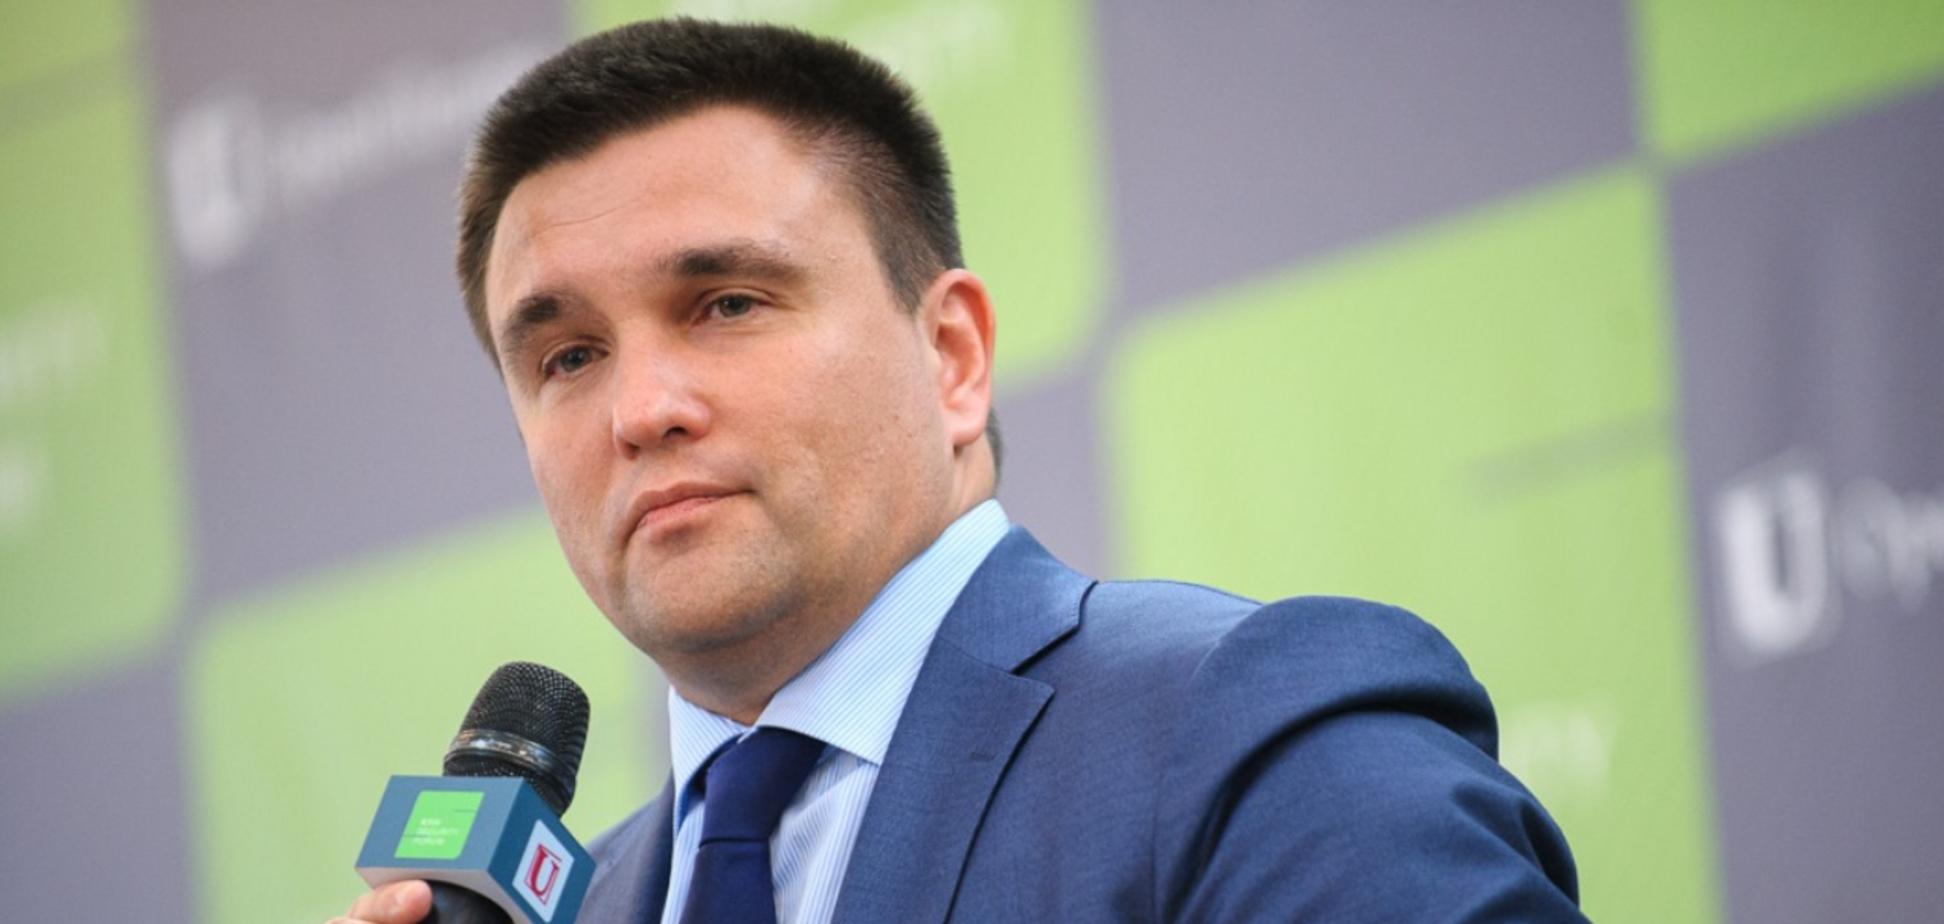 Павло Клімкін пояснив, навіщо Росії загострення на Донбасі